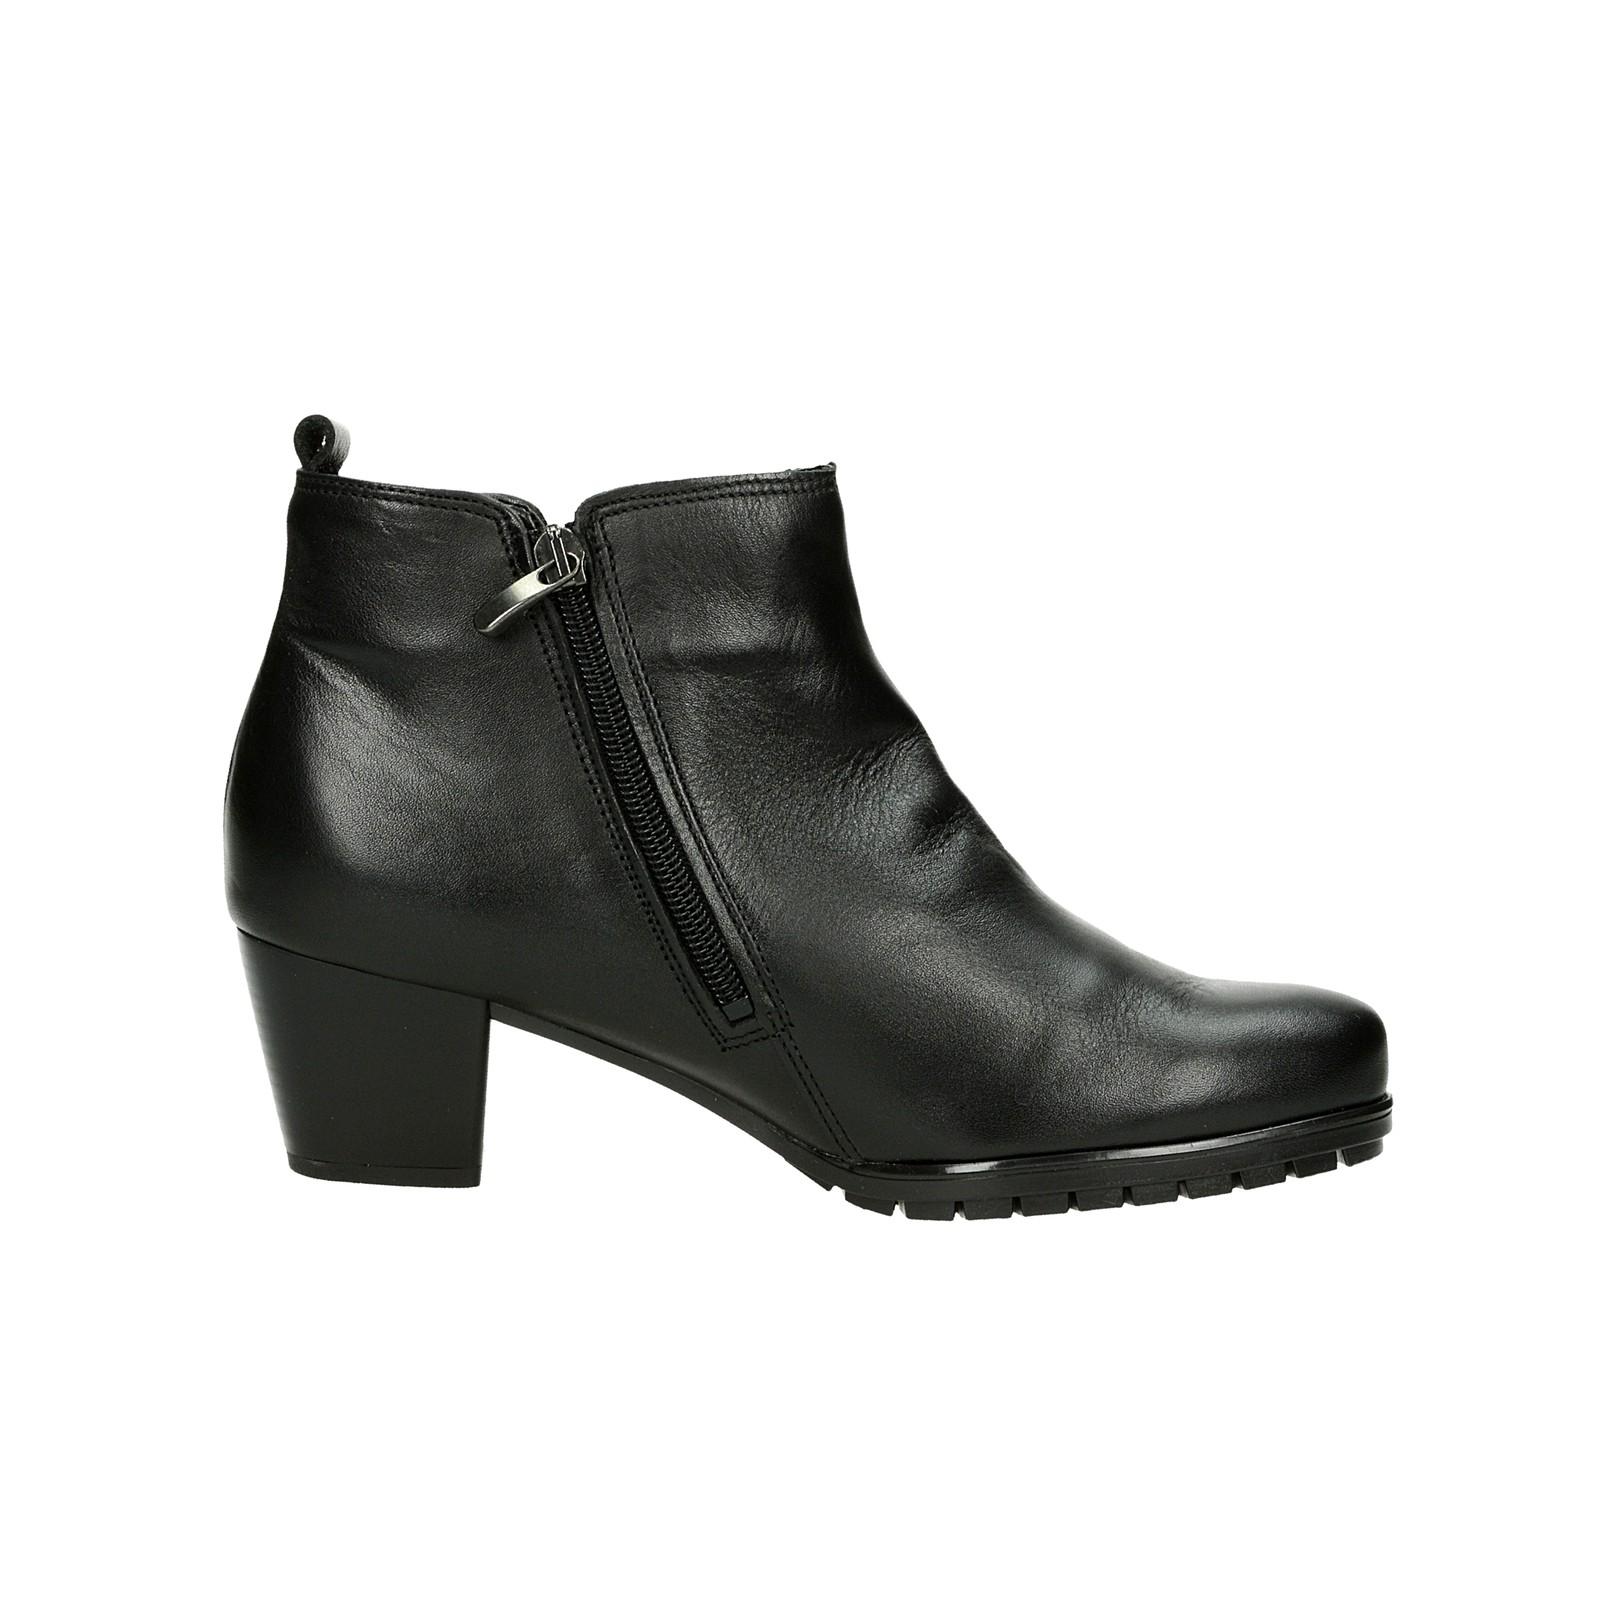 Alpina dámské kožené kotníkové boty na zip - černé ... 4d16e21655